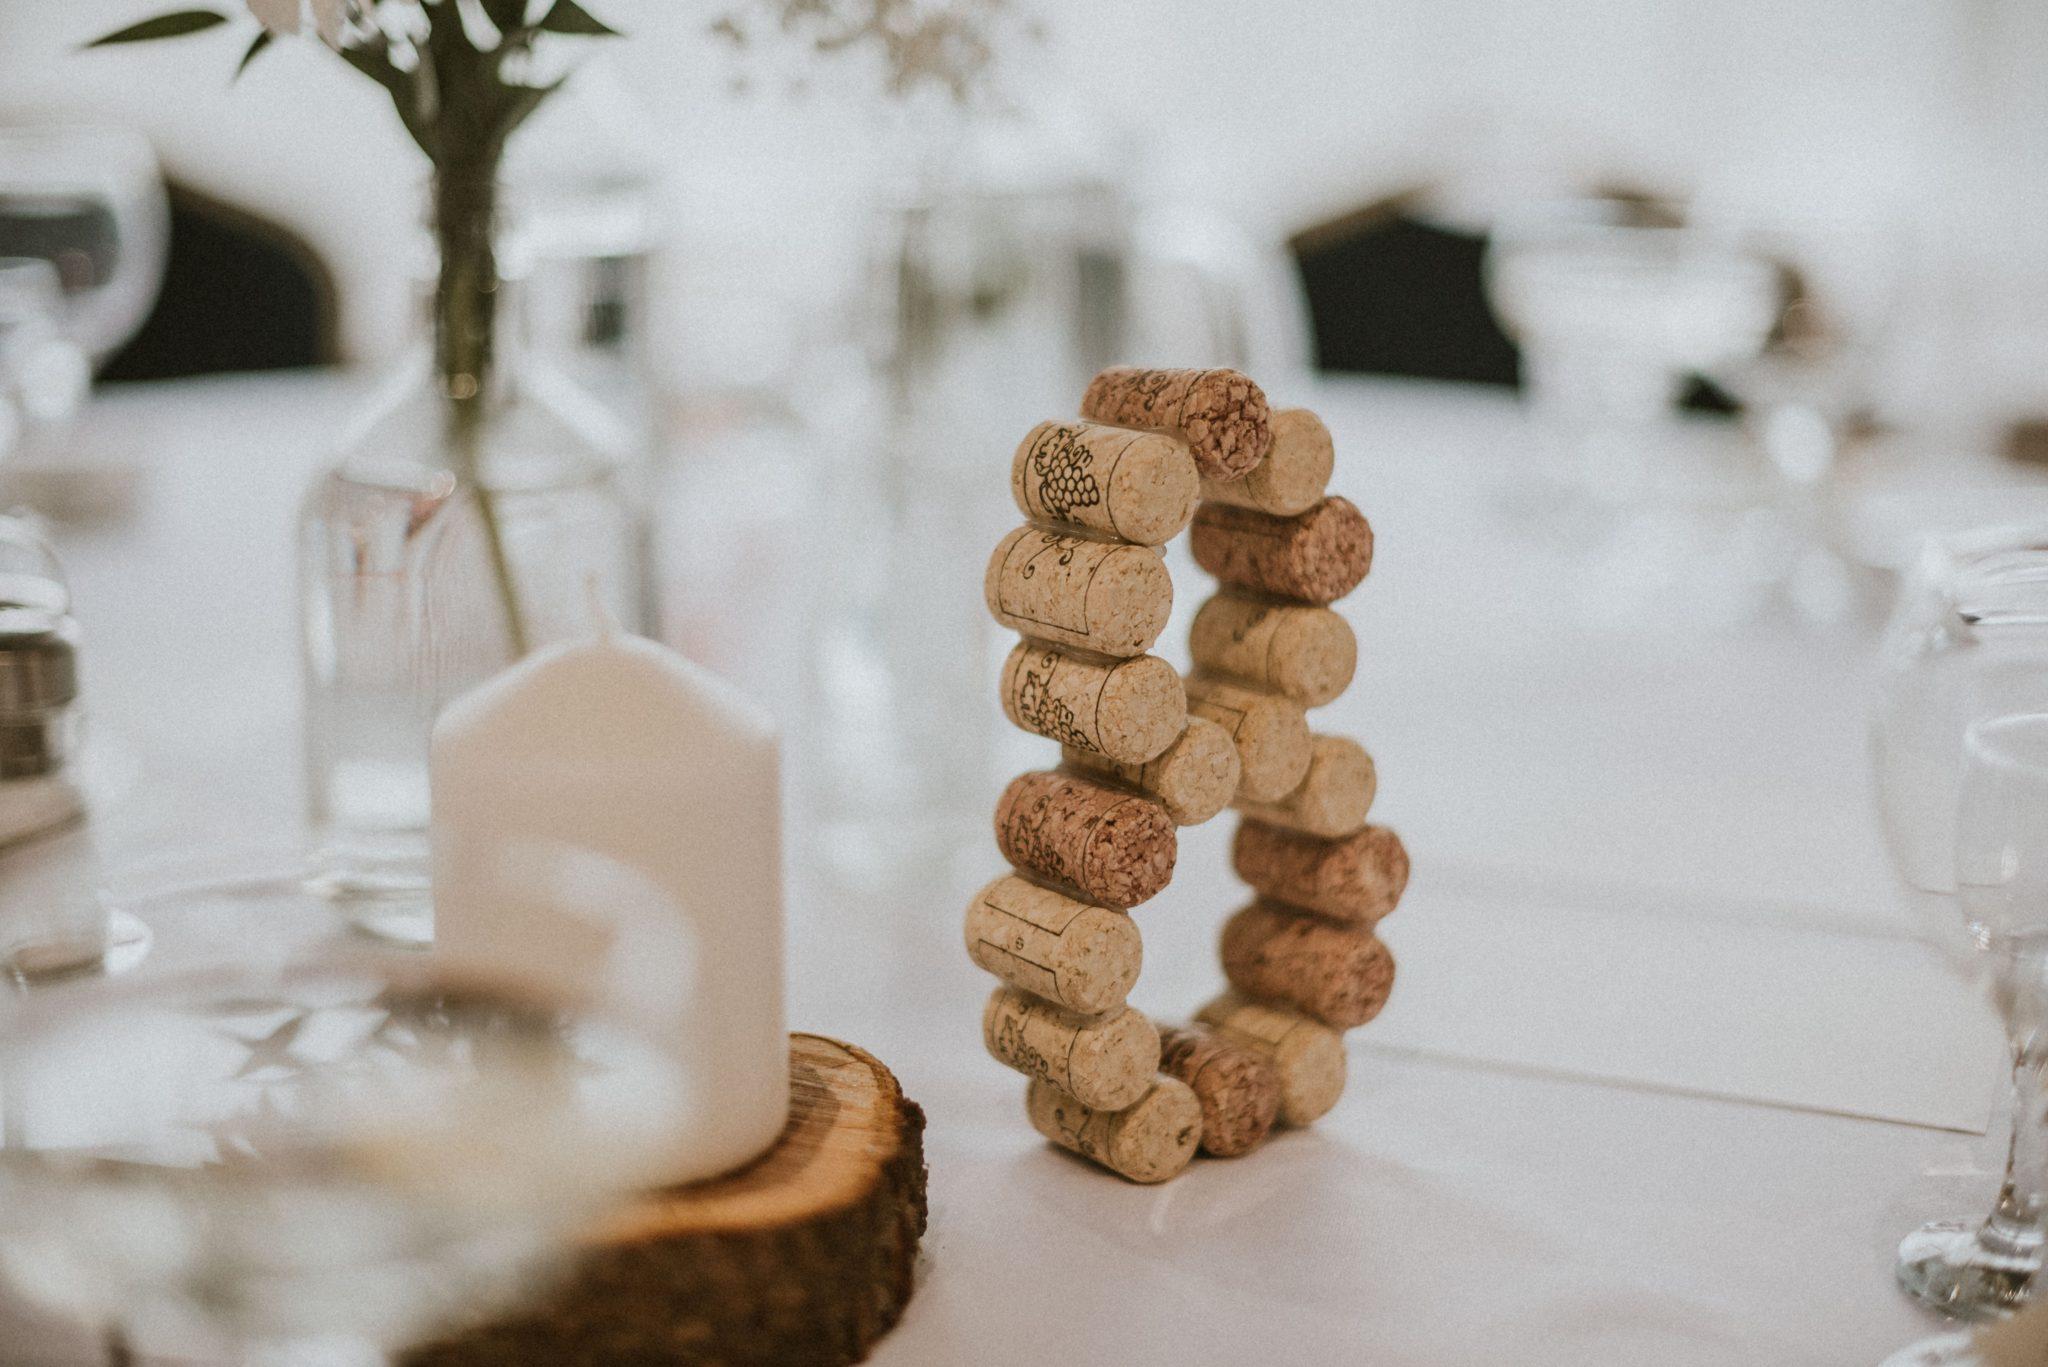 """ad097dabc S celkovou svadobnou výzdobou mi v deň svadby pomáhala svadobná  dekoratérka, ktorá pretavila moje predstavy svadobnej výzdoby k  dokonalosti."""""""